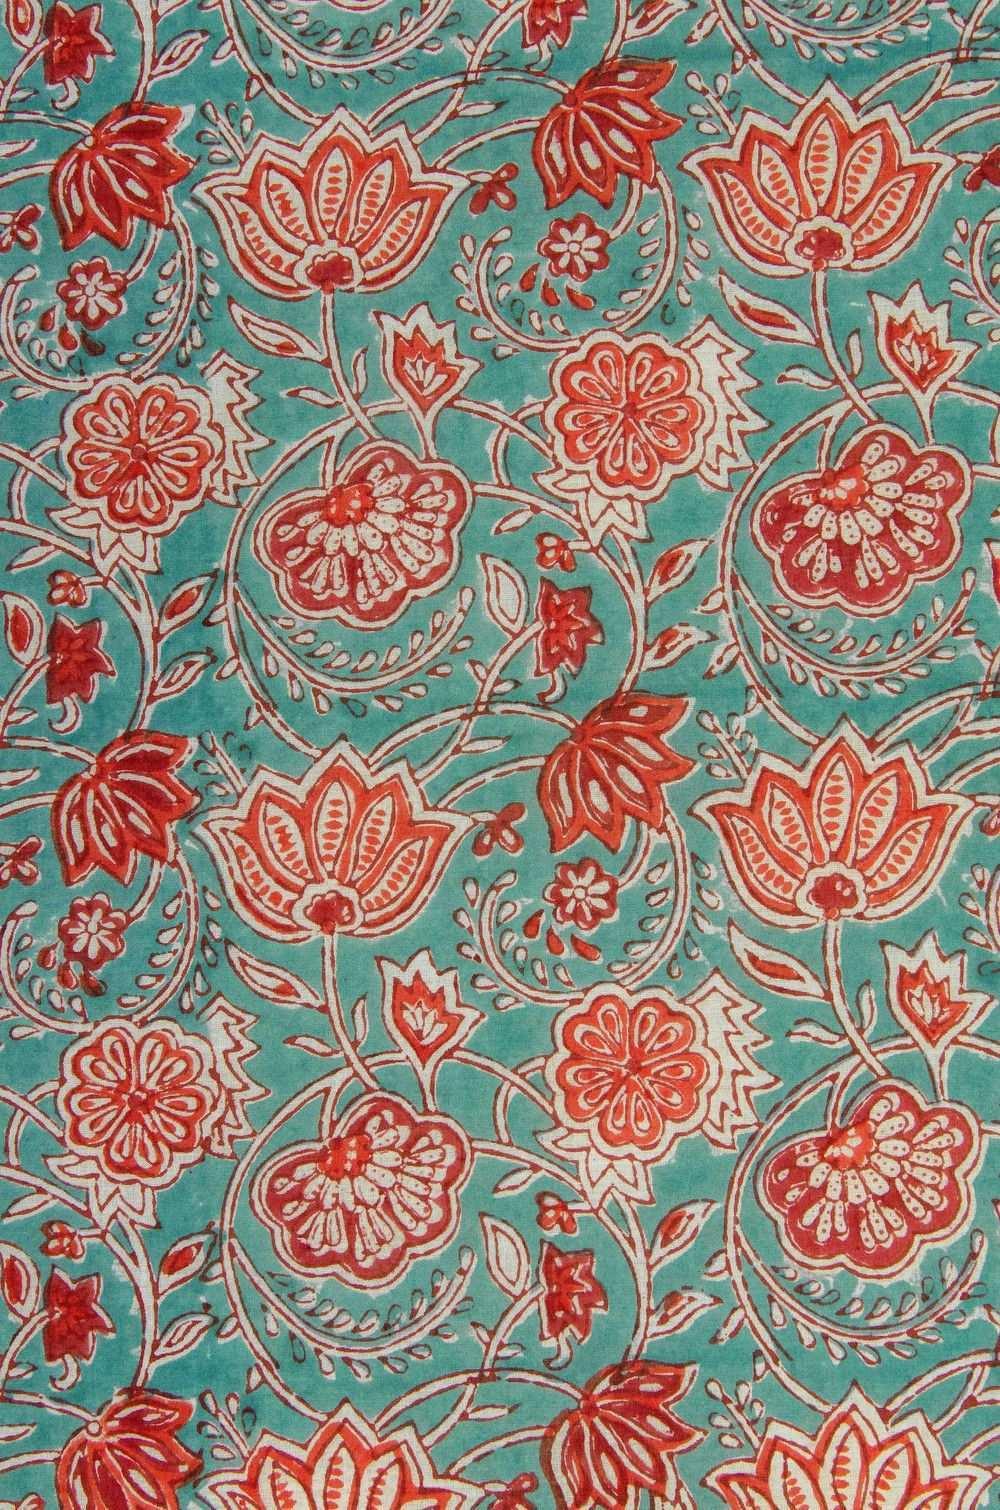 Stoff Blumen Blutenranken In Orange Weiss Blockprint Indien Ein Designerstuck Von Garnfaktur Bei Dawanda Stoffe Zum Nahen Stoff Tapeten